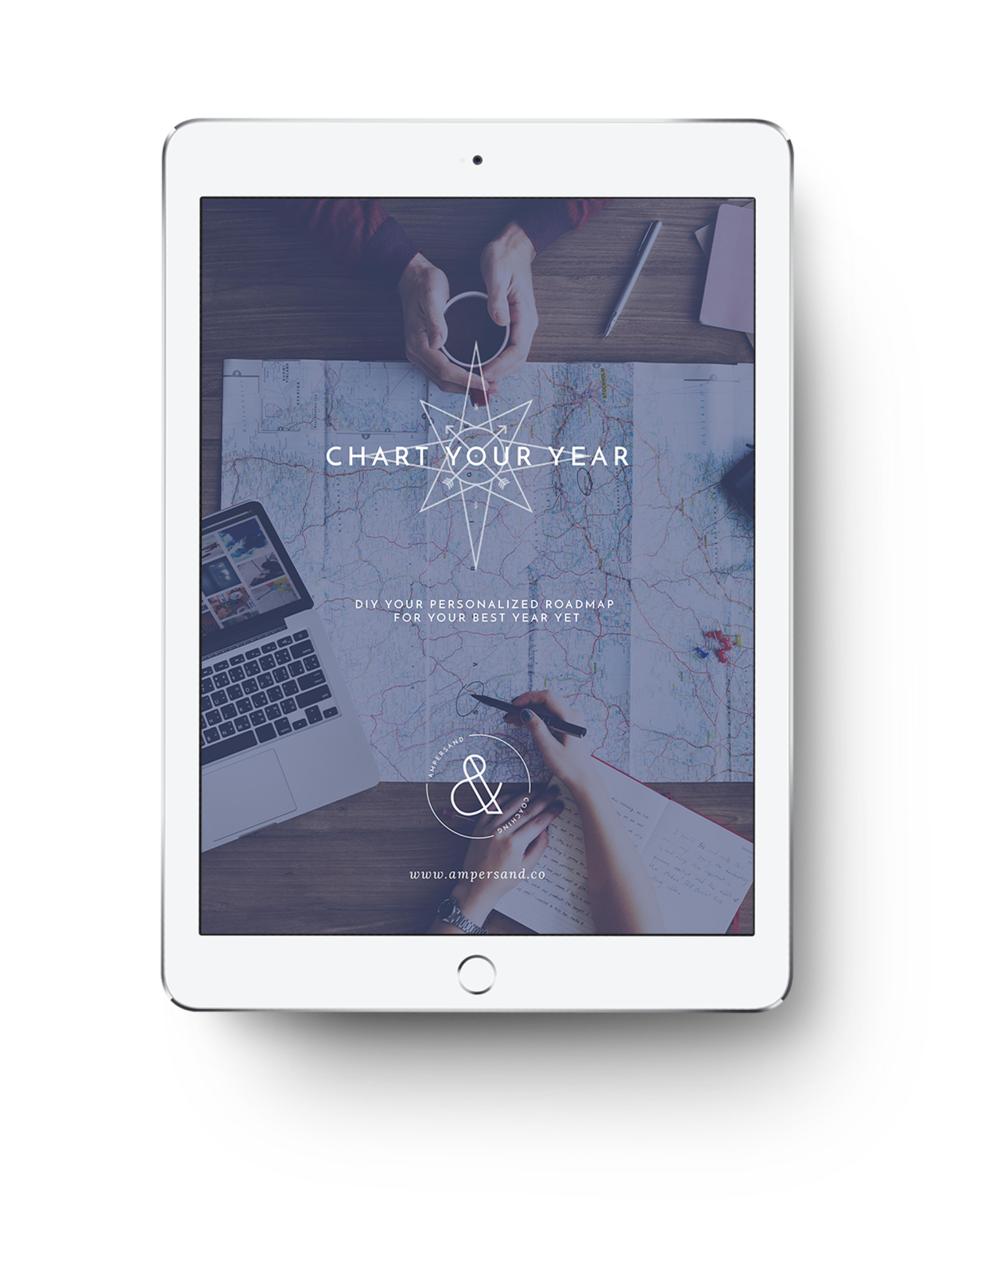 CYY-DIY-Mockup-iPad.png